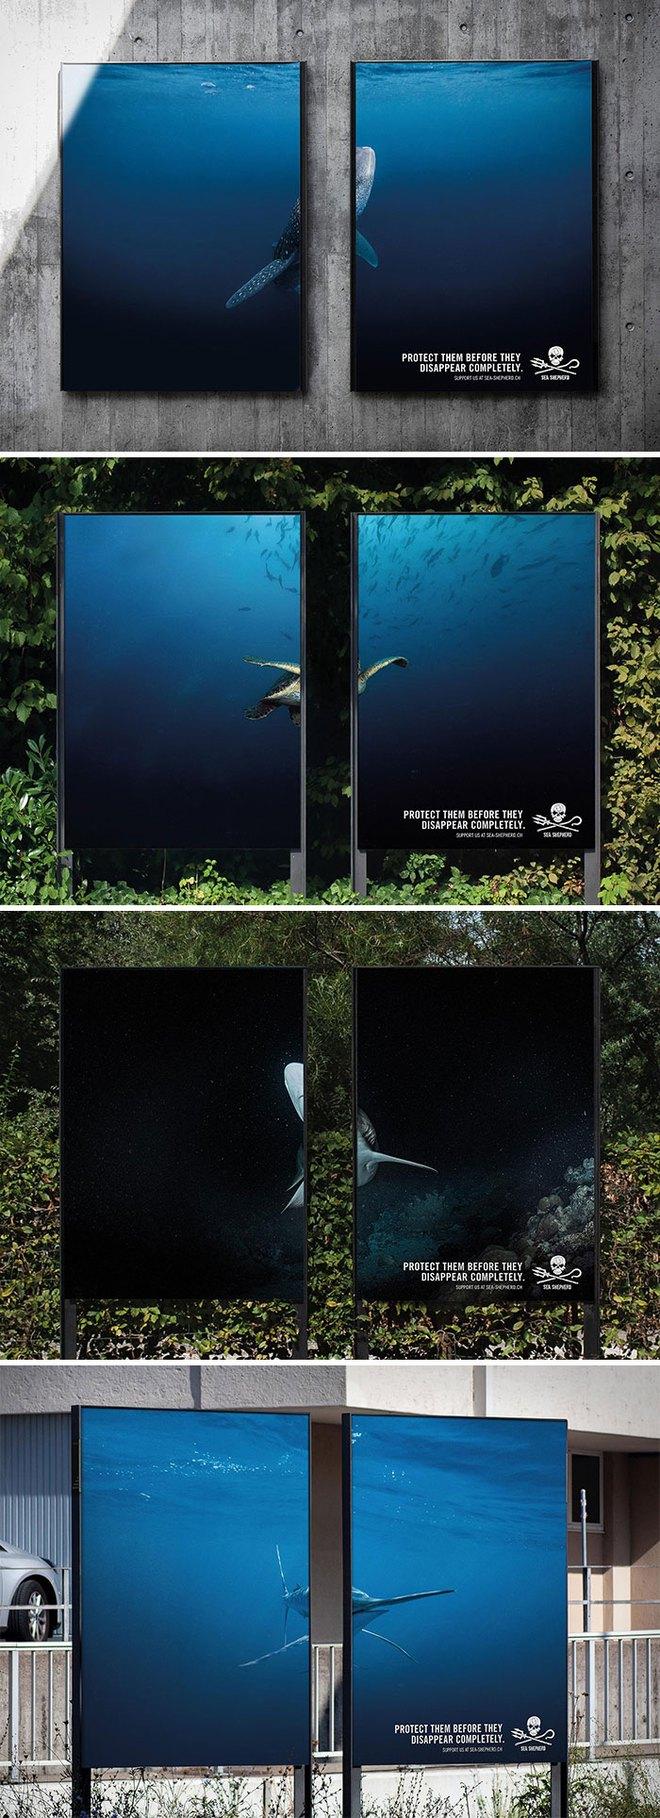 17 tấm biển quảng cáo đỉnh cao nhìn 1 lần là nhớ: Số 7 phải xem vào ban đêm mới hiểu - Ảnh 12.